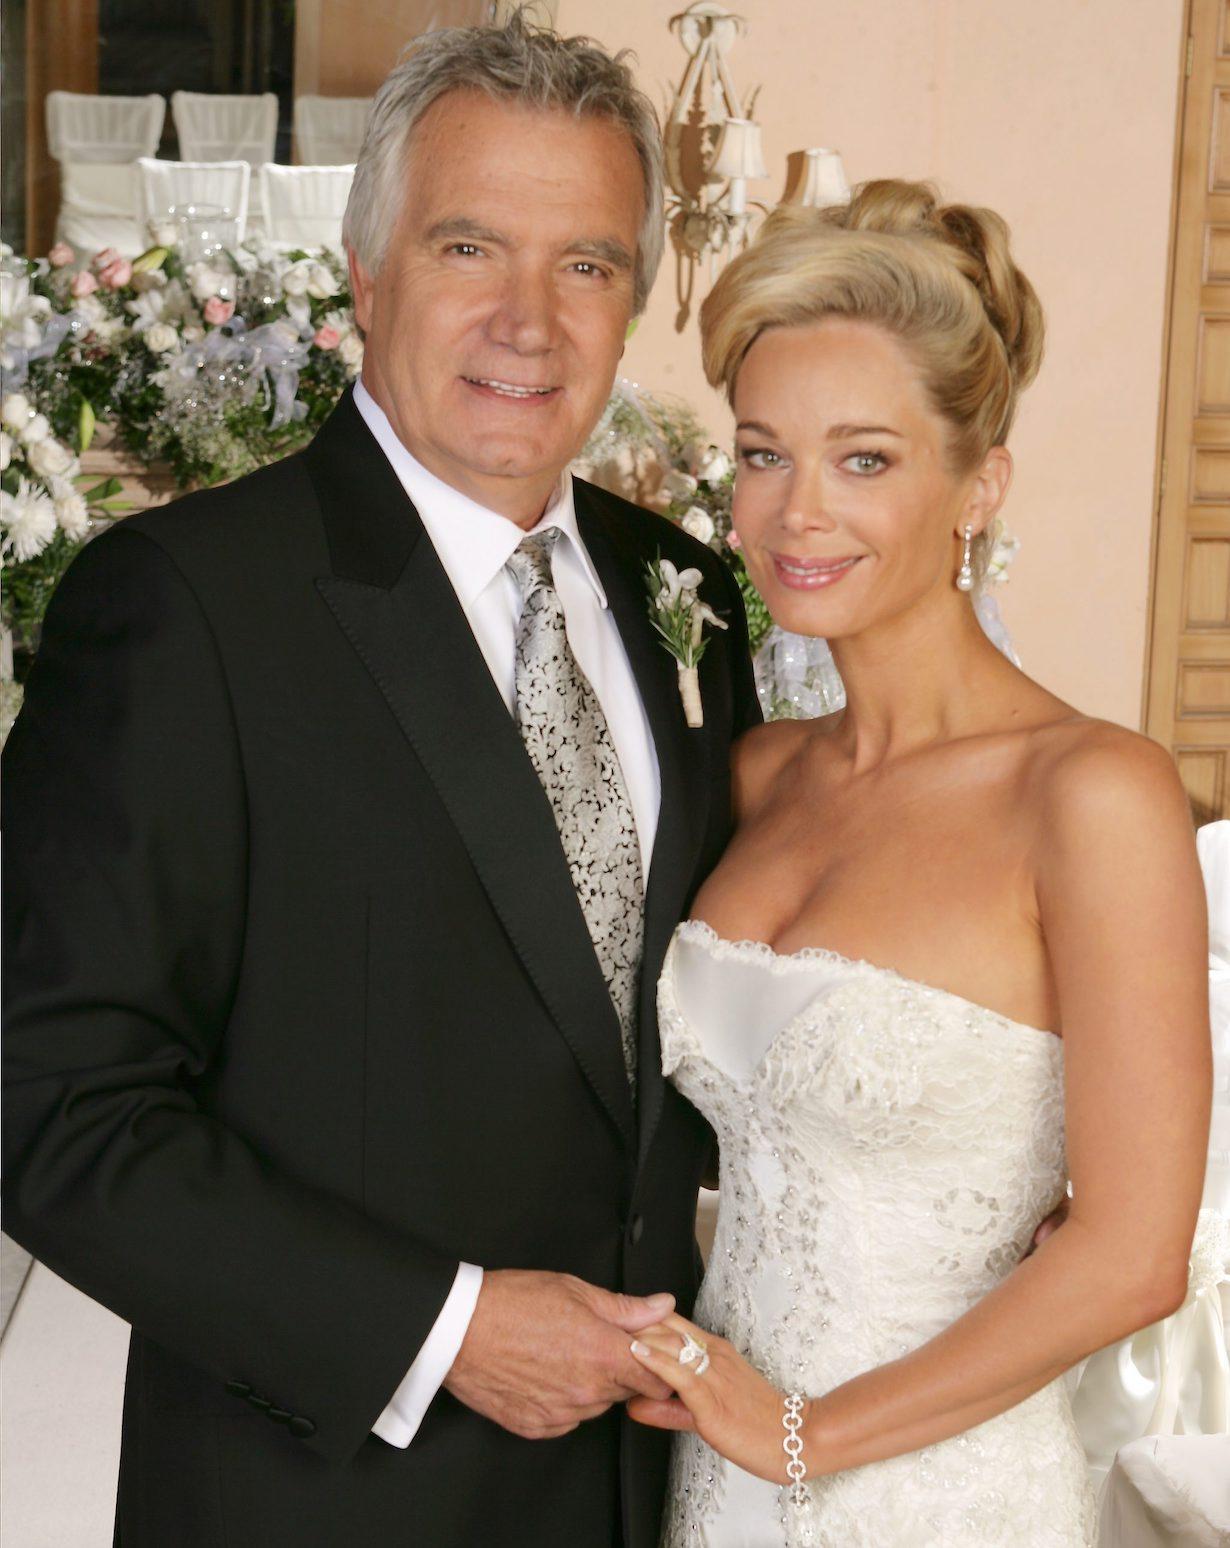 Bold Beautiful donna eric wedding mccook gareis JP